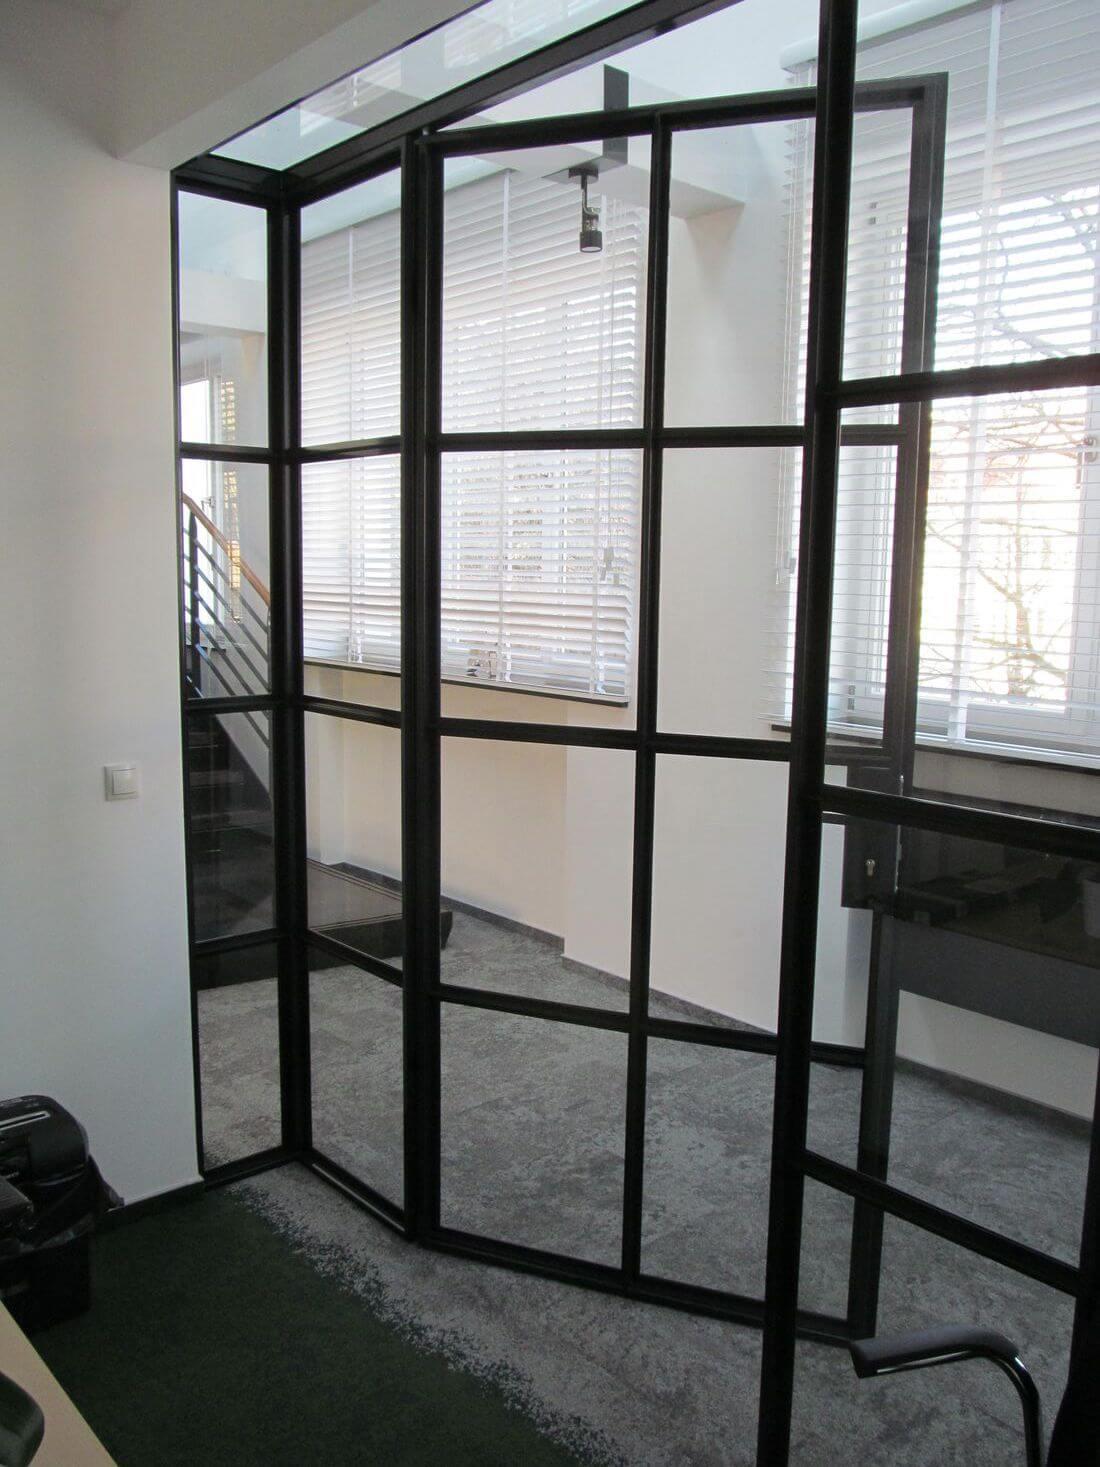 Oficina EIP en Polonia - el sistema de Puertas de Cristal y Paredes de Vidrio de vidrio reforzado y acero estructural